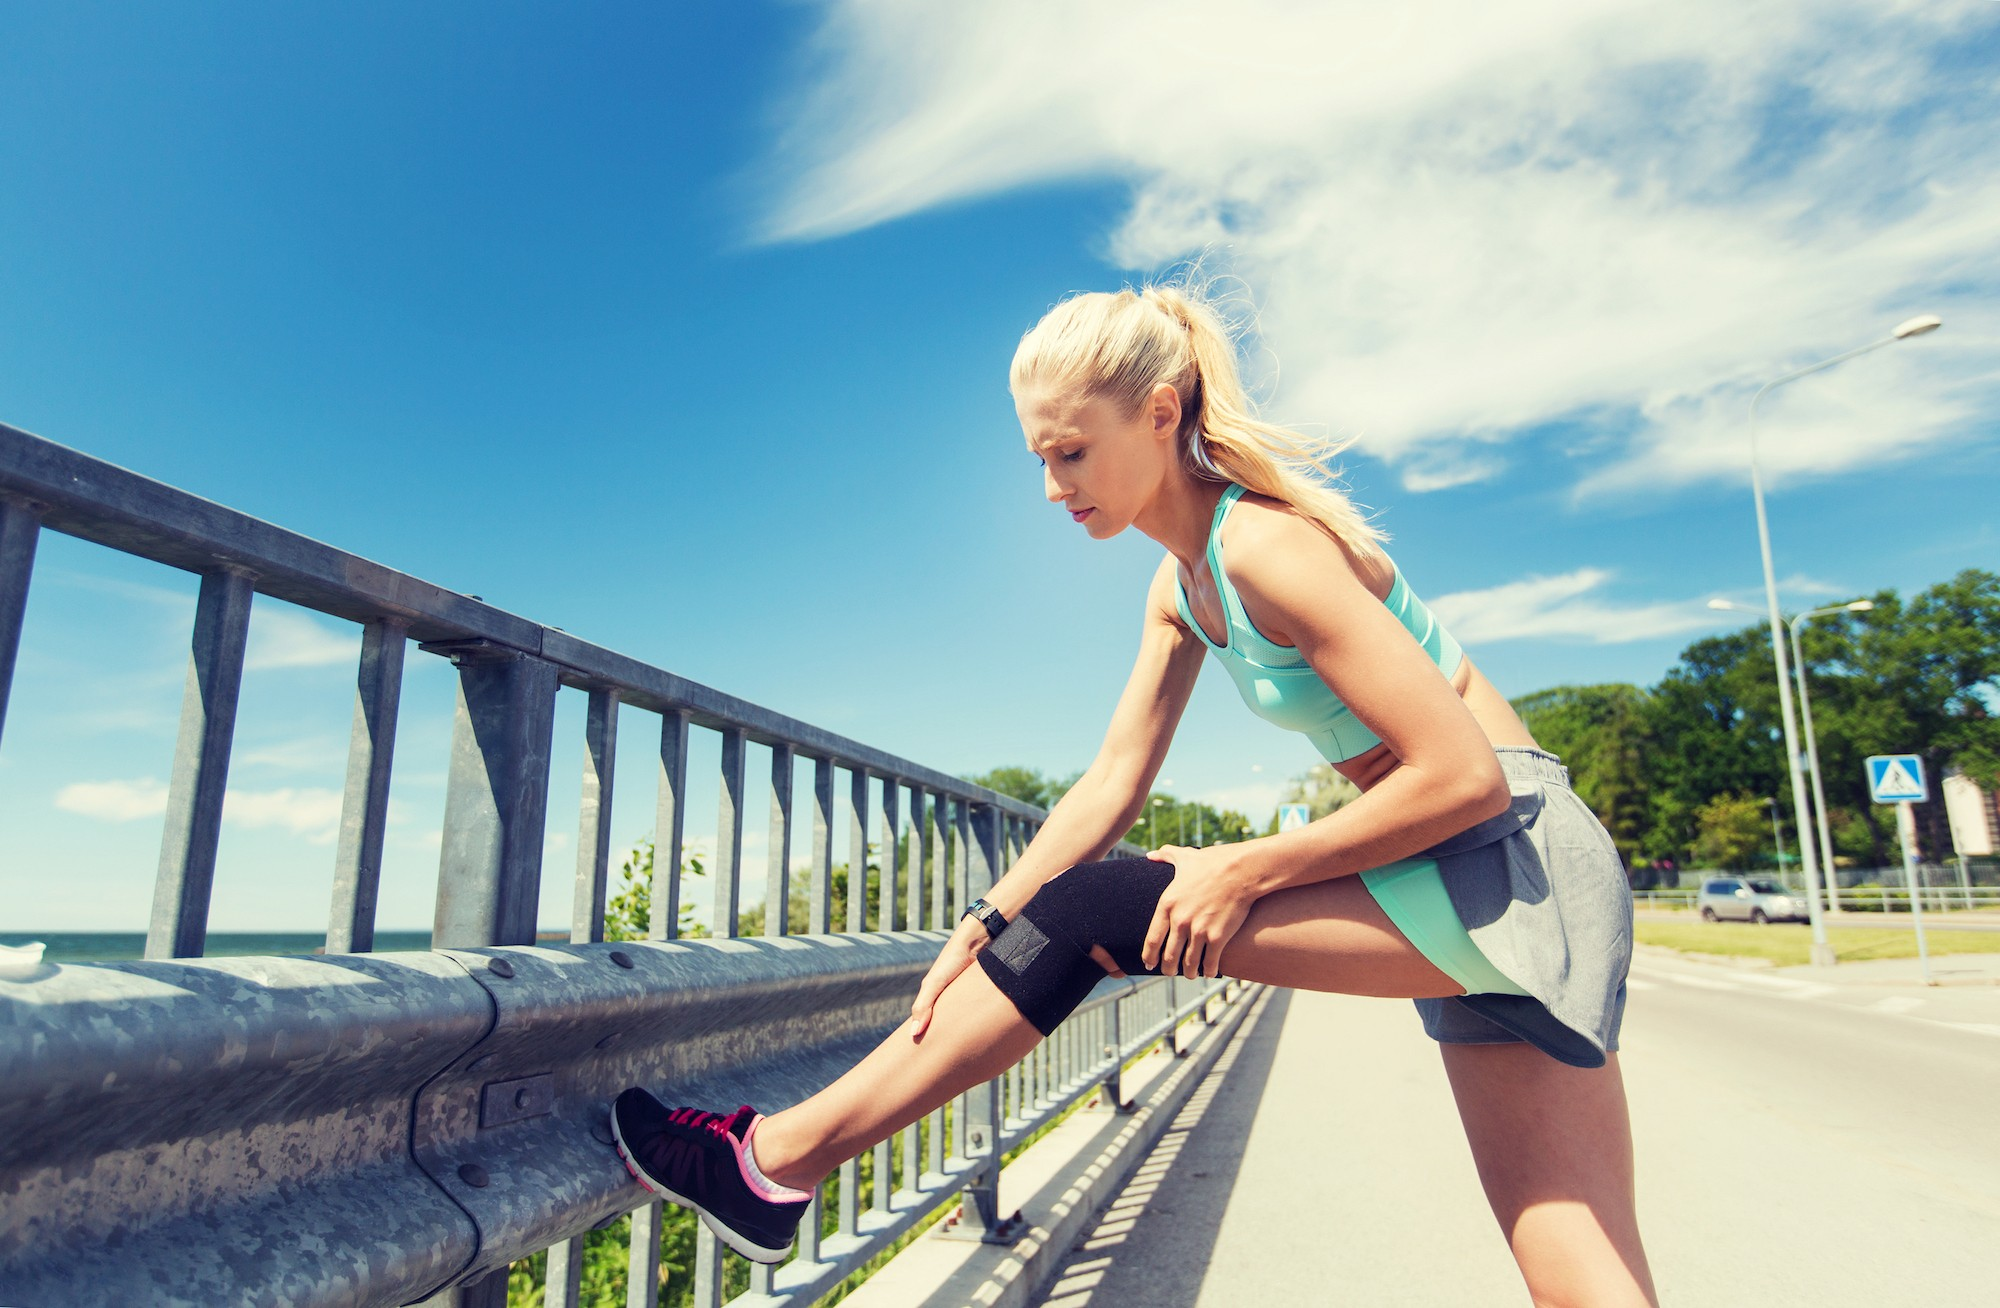 Problemzone Kniegelenk – So läuft es wie geschmiert